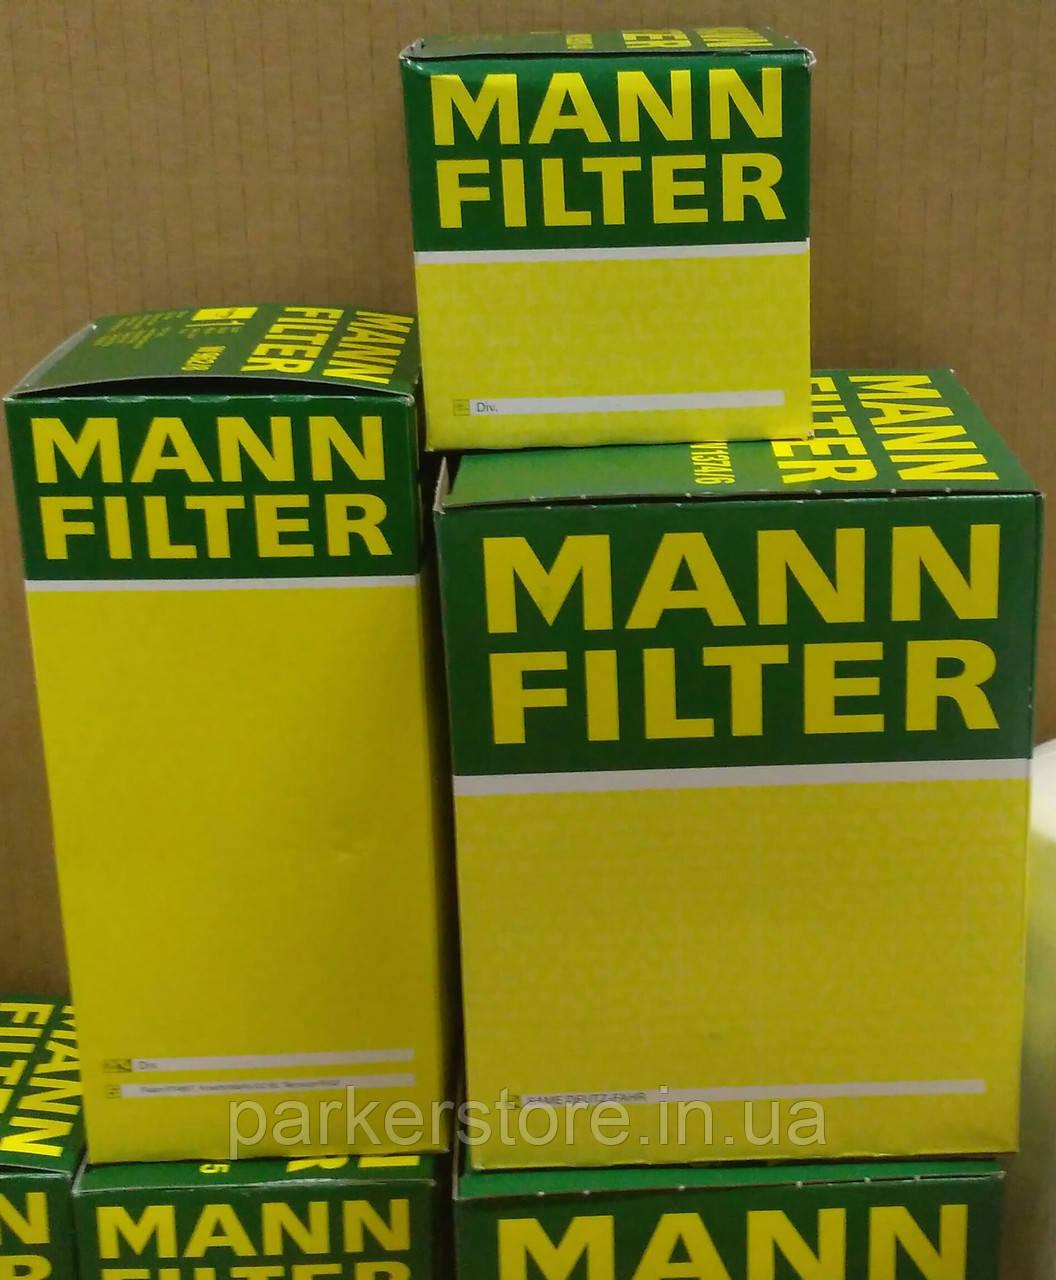 MANN FILTER / Воздушный фильтр / C 30 125/3 / C30125/3